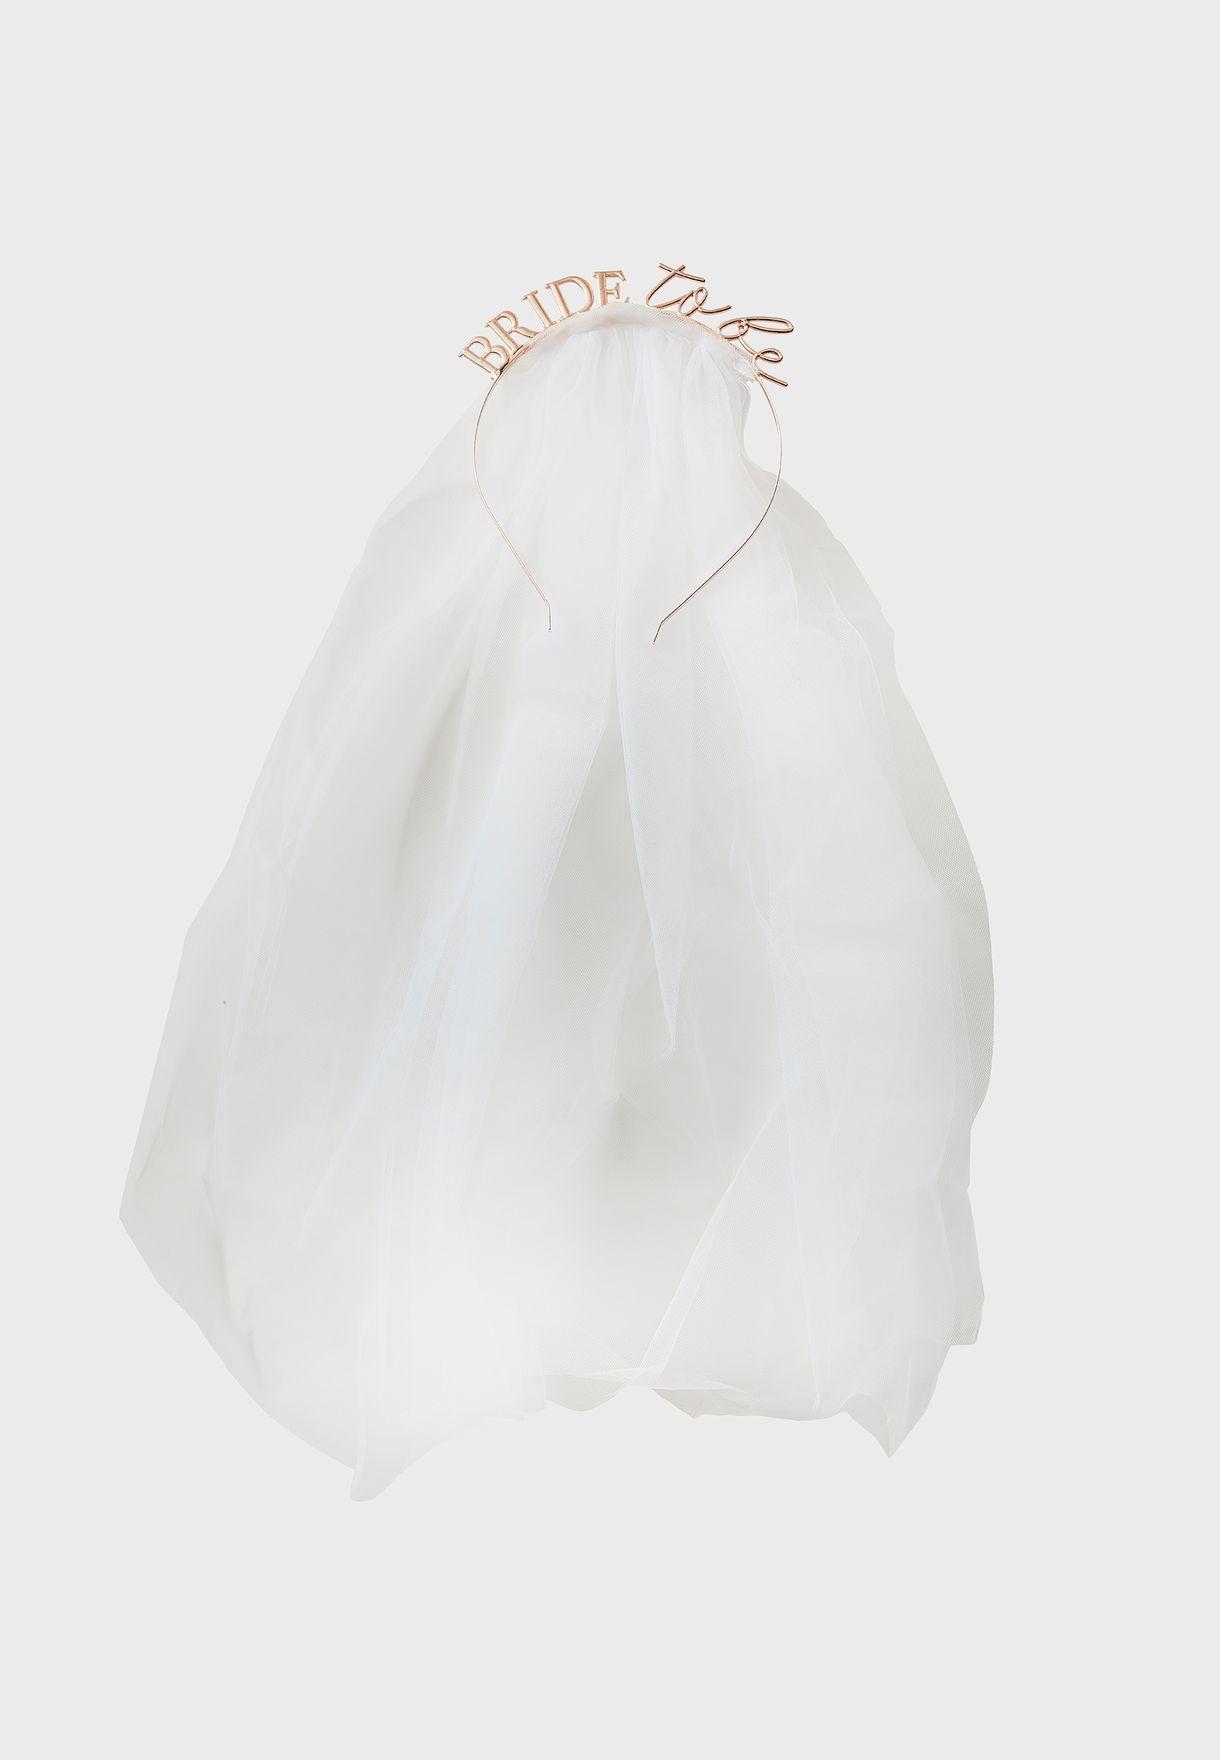 Bride To Be Headband